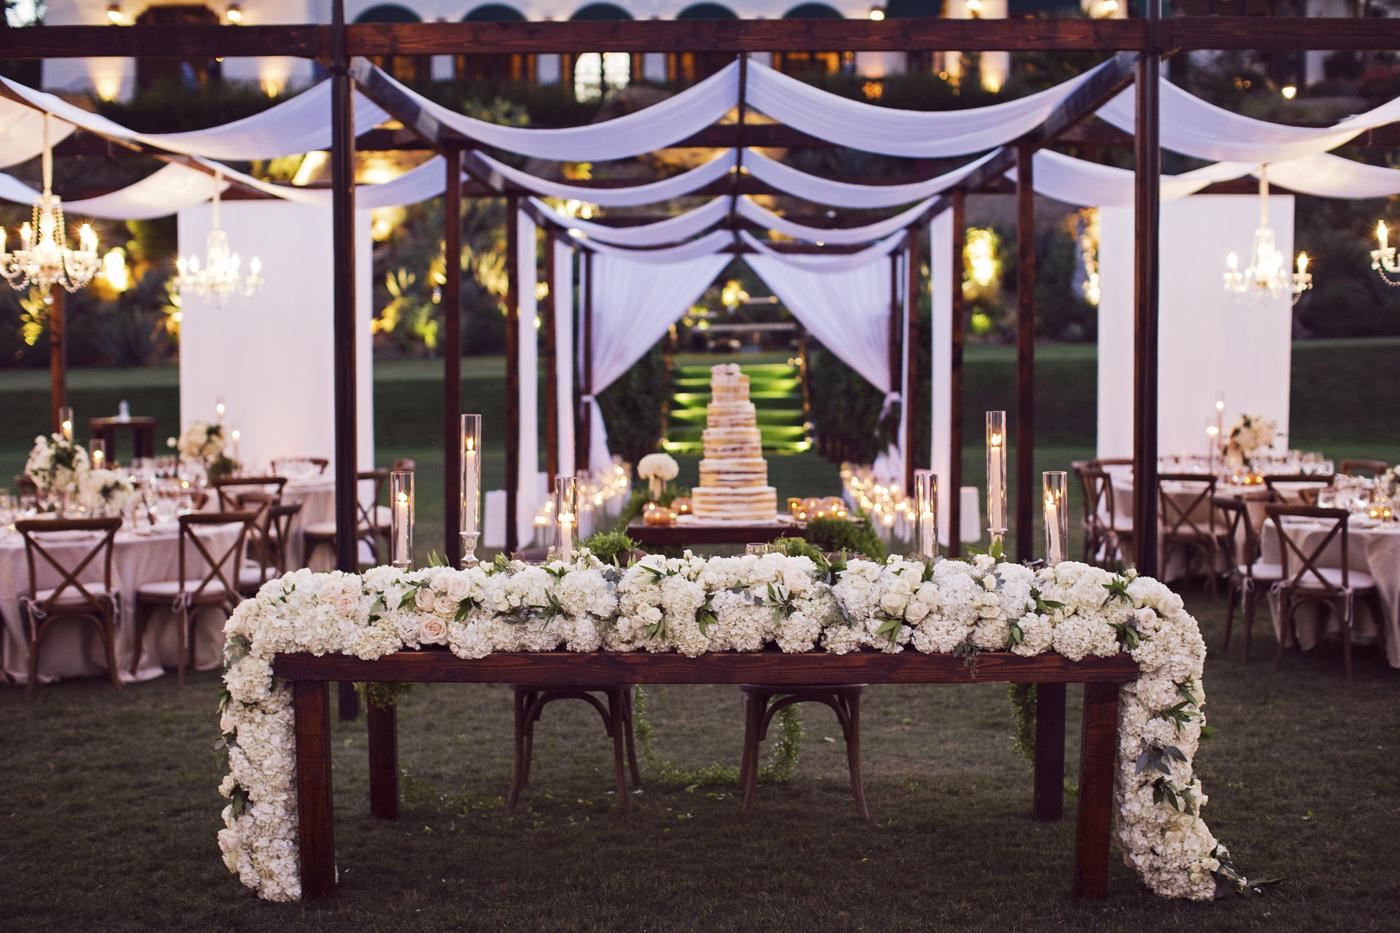 052_DukePhotography_DukeImages_Wedding_Details.jpg